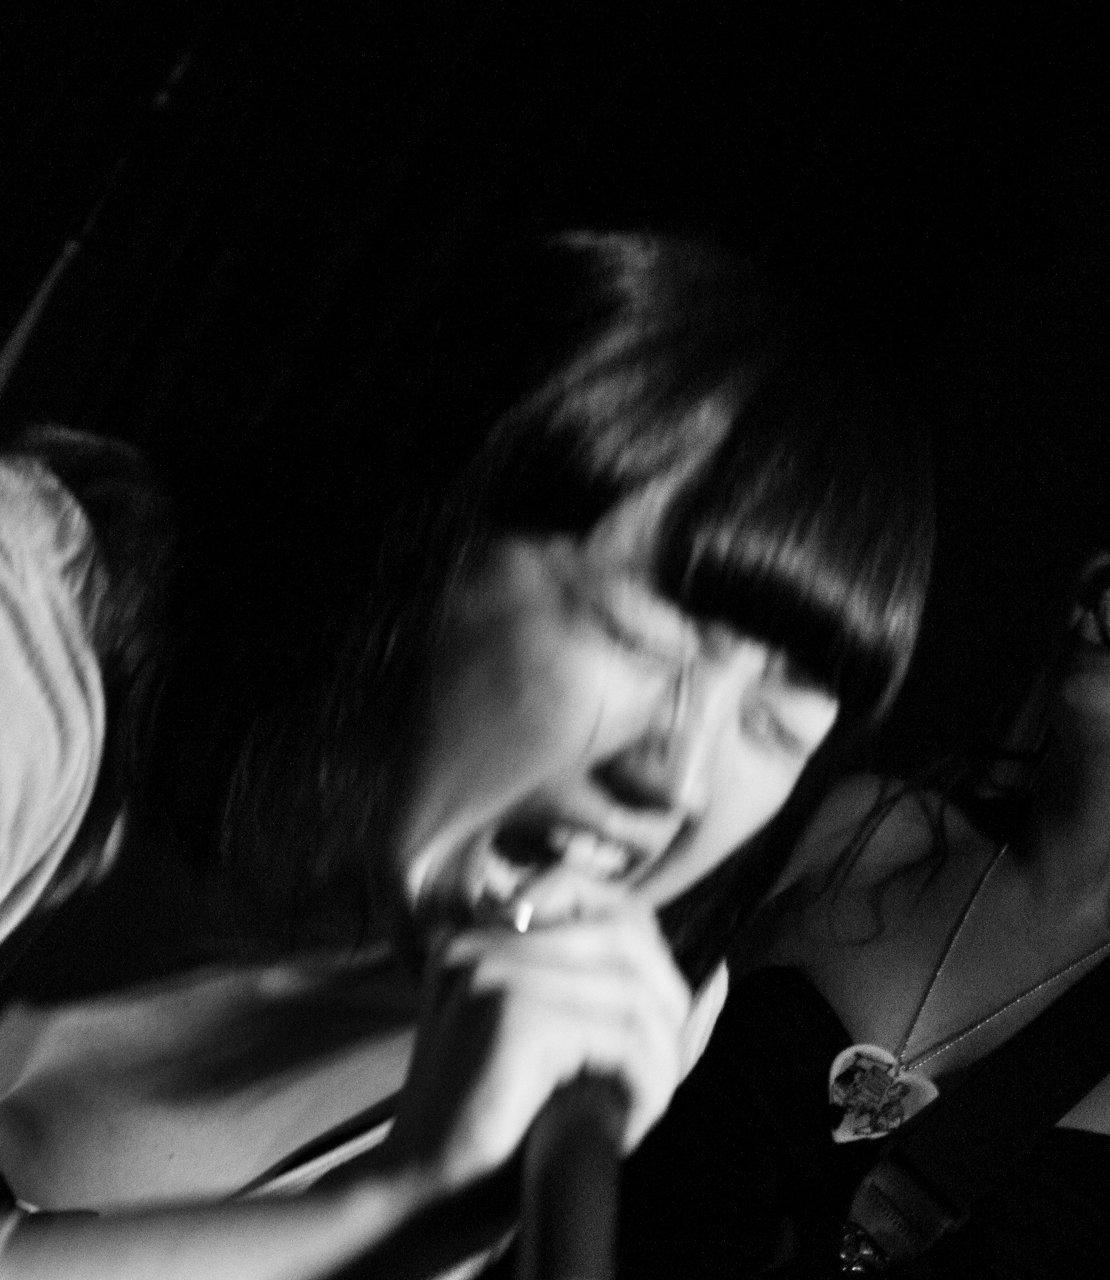 Ladys+in+Noise+C+2011.jpg